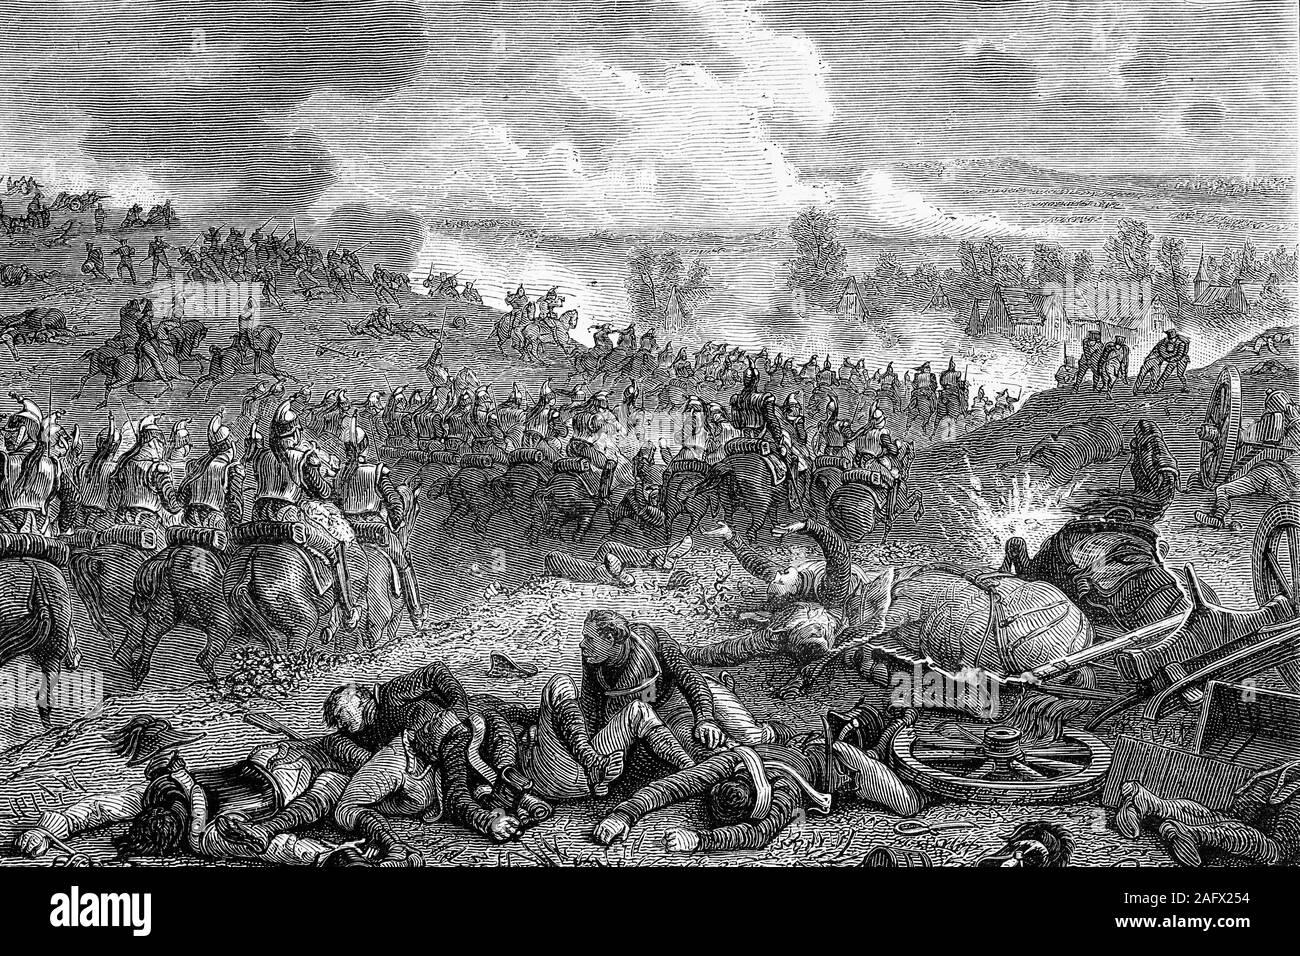 Batalla de Leipzig. De octubre de 1813. Las guerras napoleónicas. Ilustración de antigüedades. 1890. Foto de stock